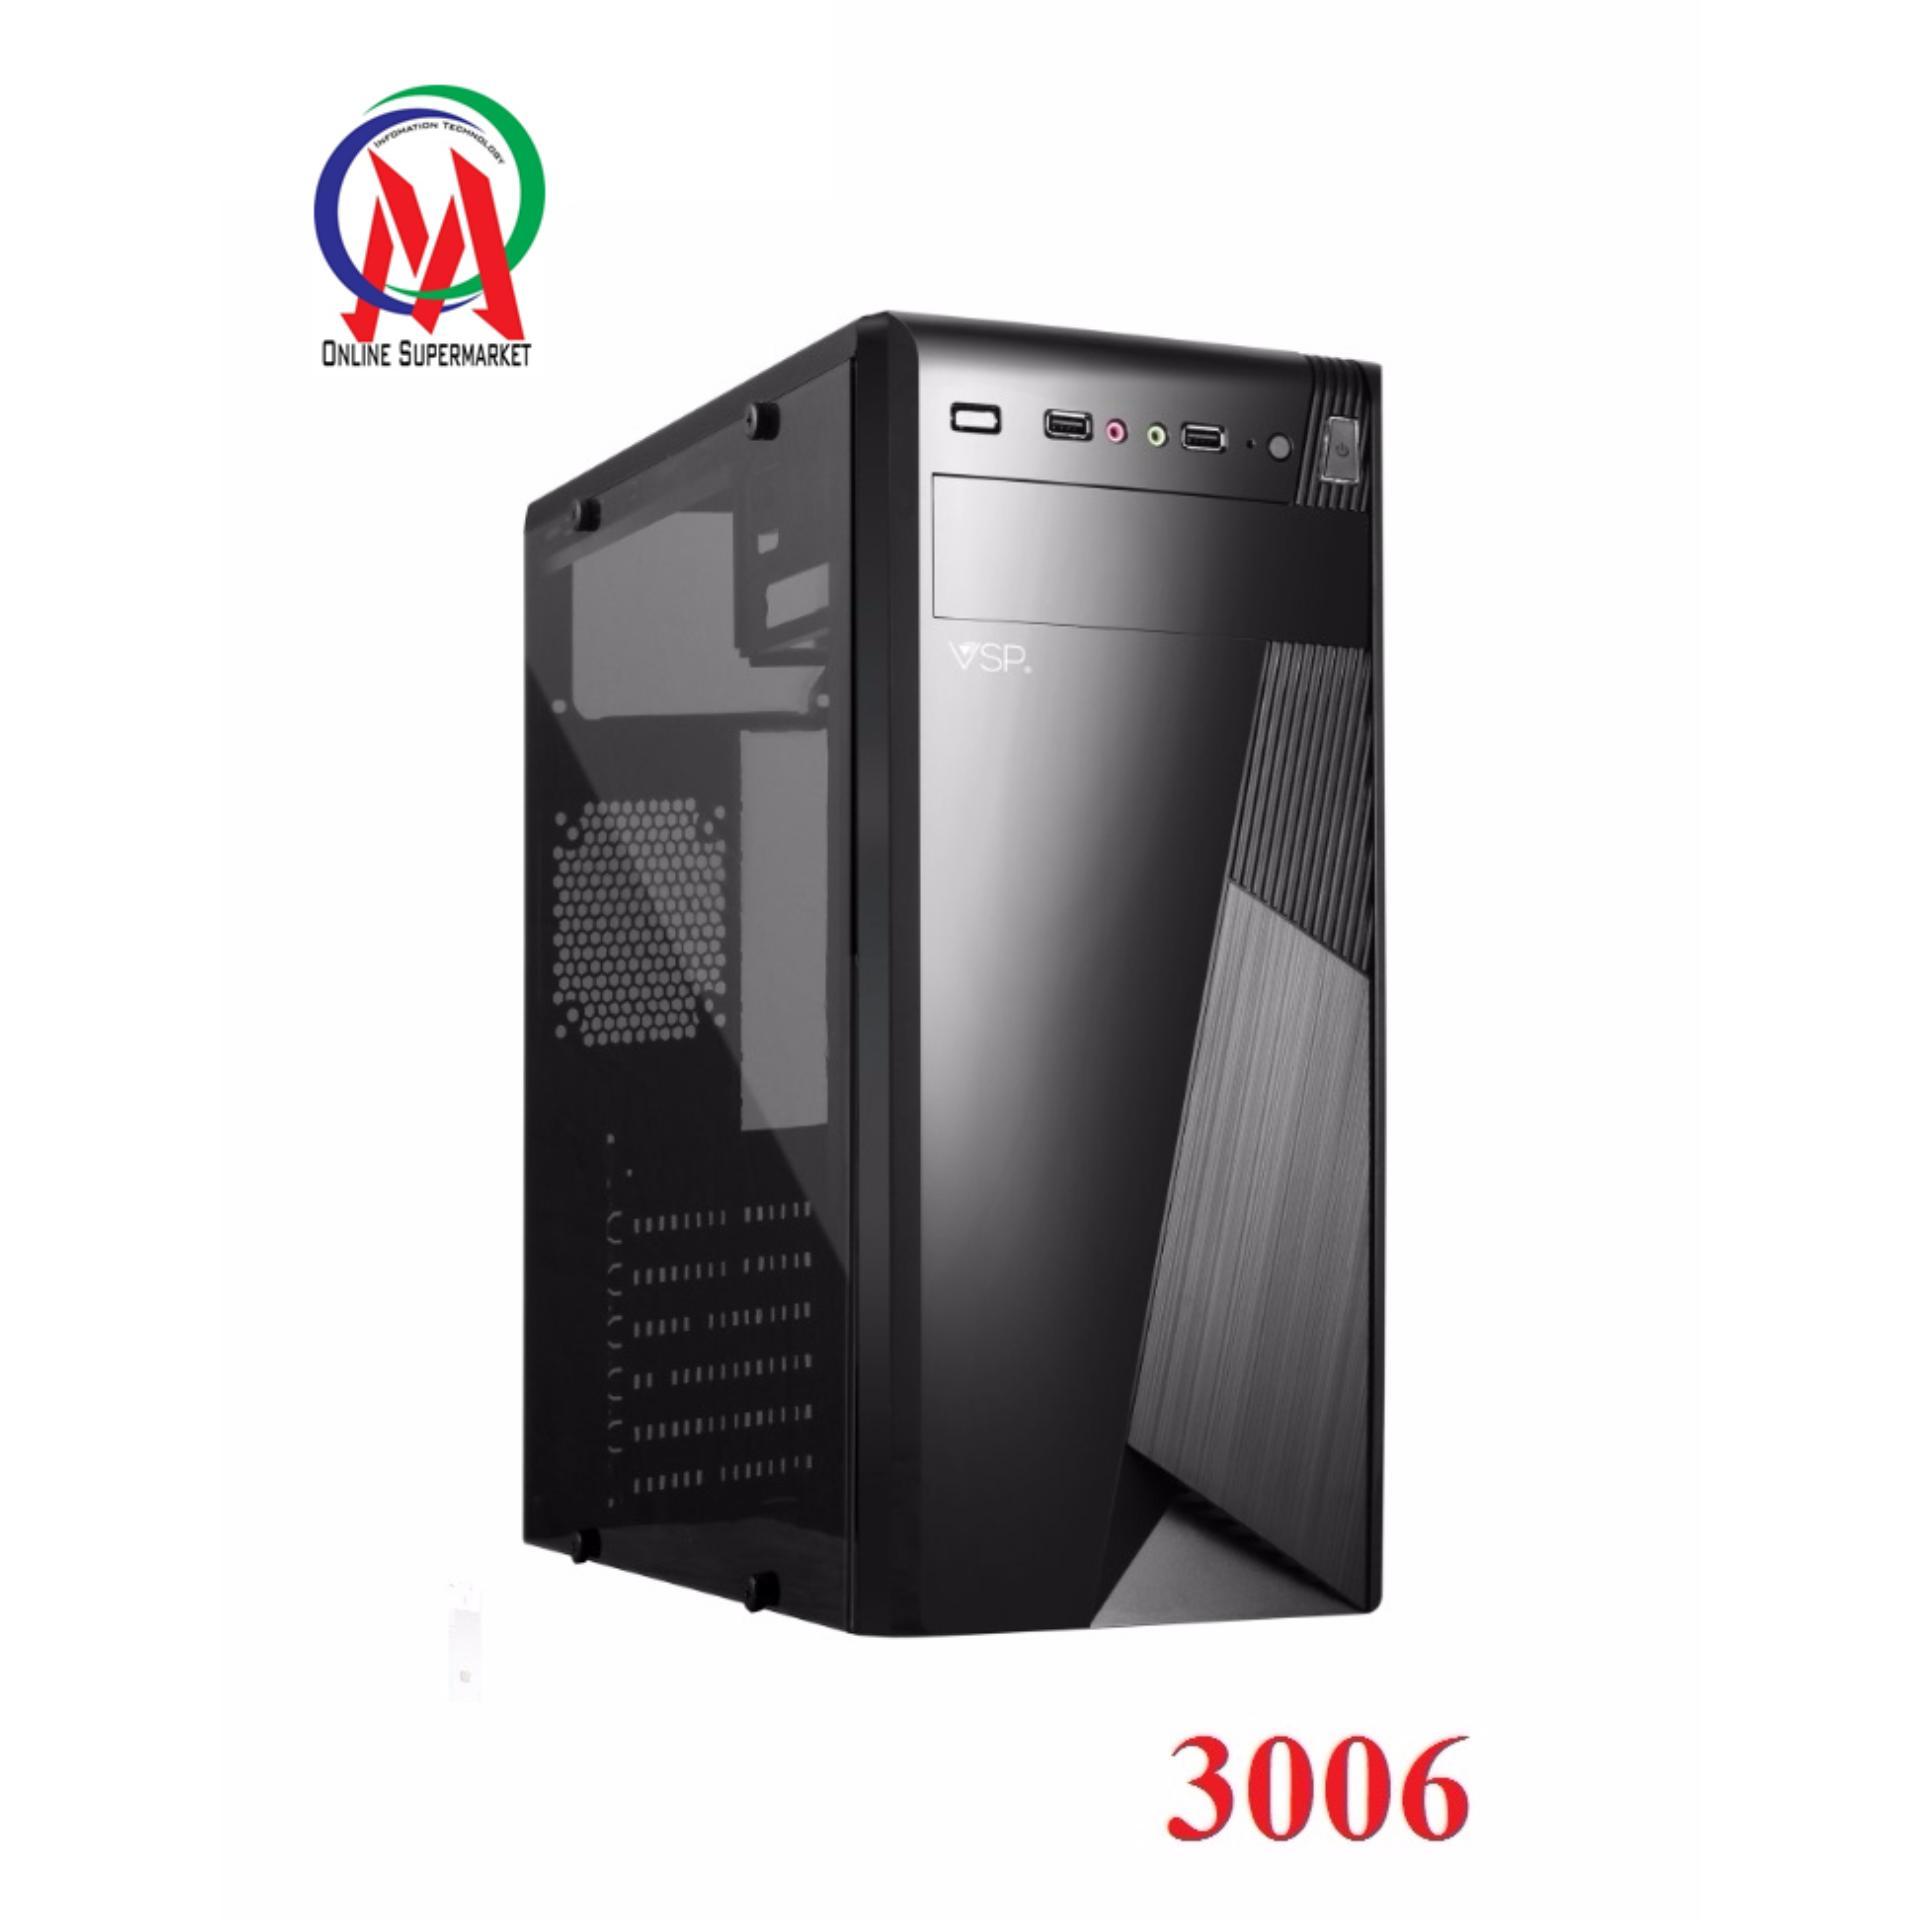 Hình ảnh Vỏ Case máy tính VSP 3006 Full Kính bên hông trong suốt sơn tĩnh điện